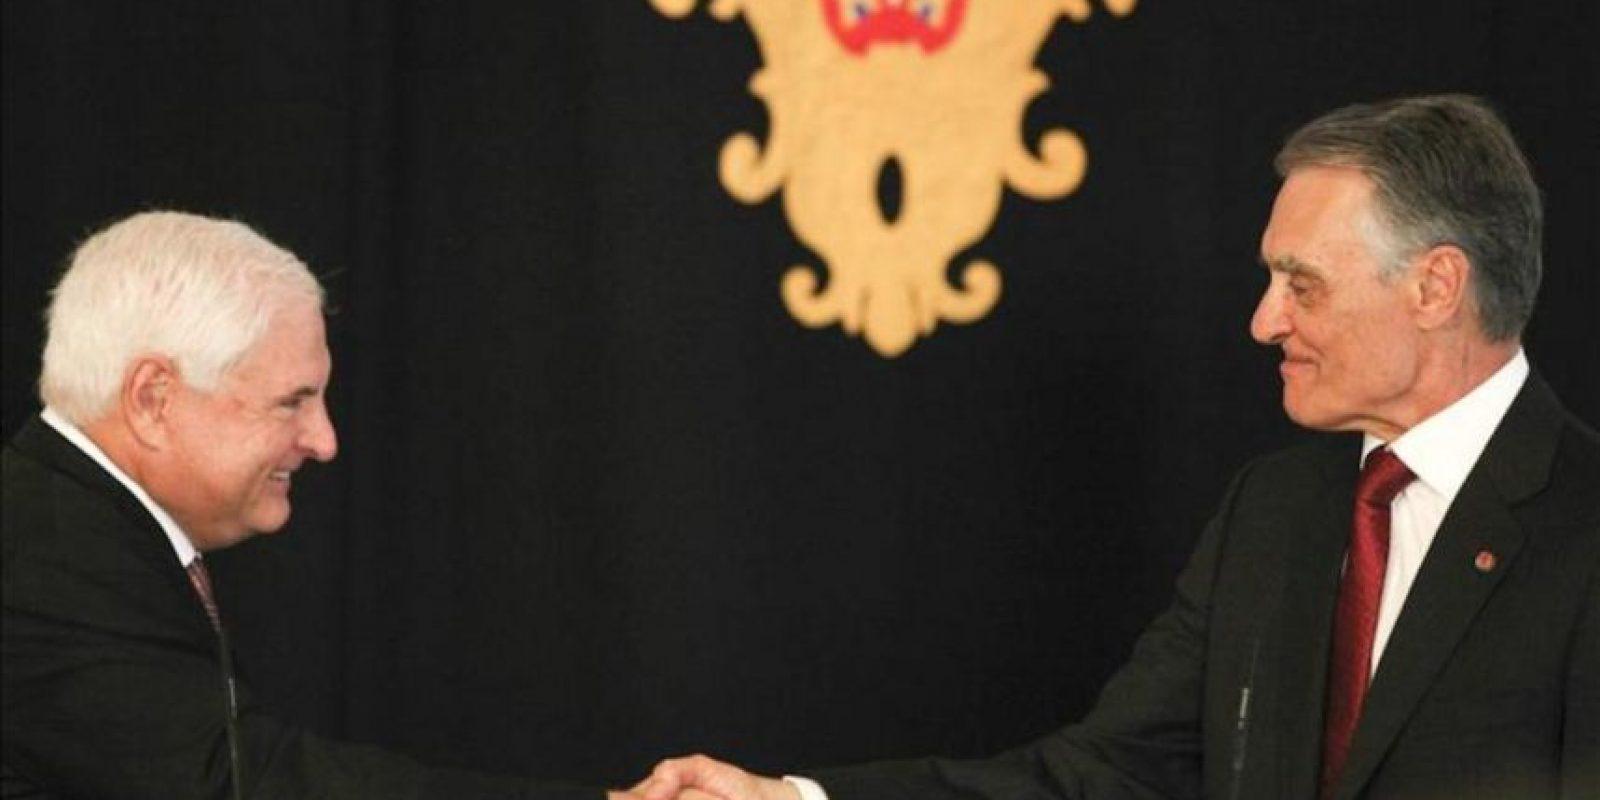 El presidente luso, Aníbal Cavaco Silva (dcha), estrecha la mano de su homólogo panameño, Ricardo Martinelli (izda), durante una rueda de prensa en el Palacio de Belem en Lisboa (Portugal). EFE